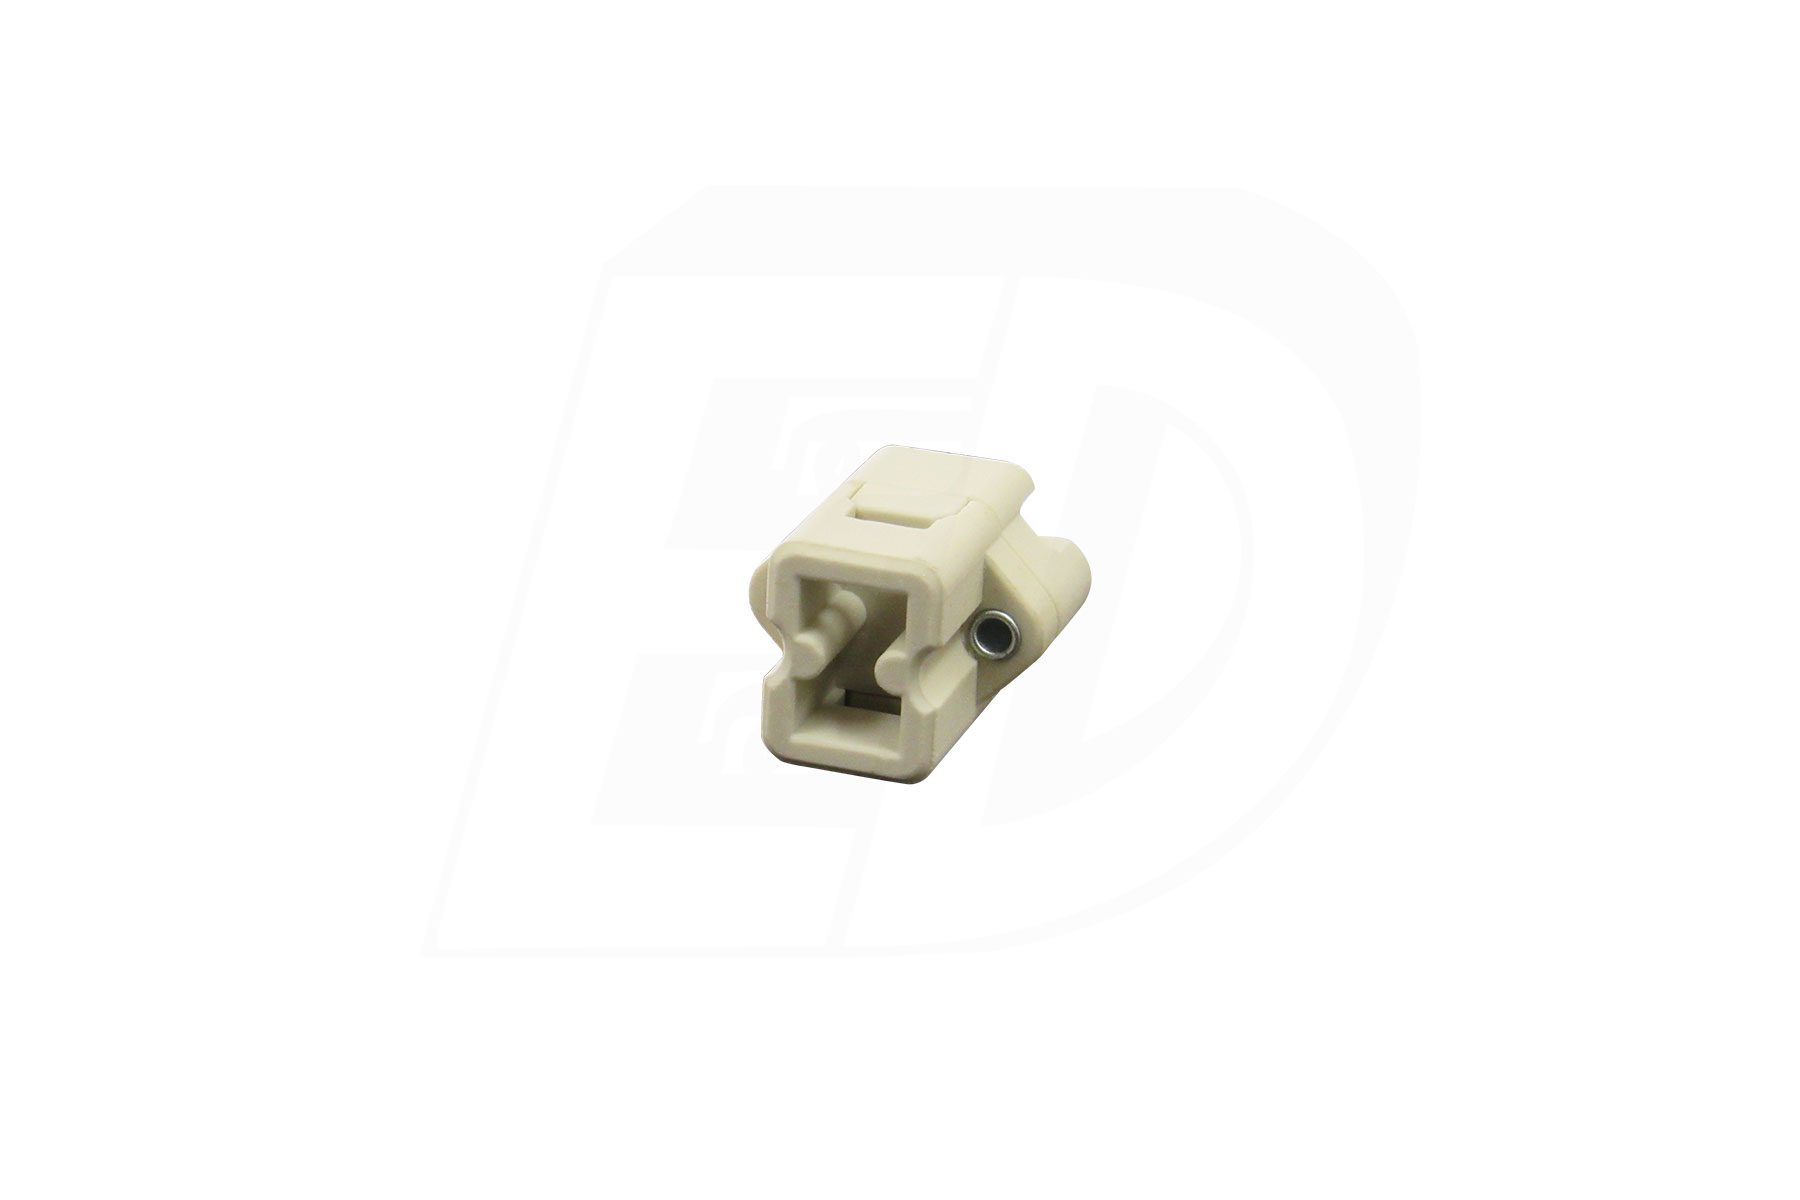 G9 Halogen Light Socket